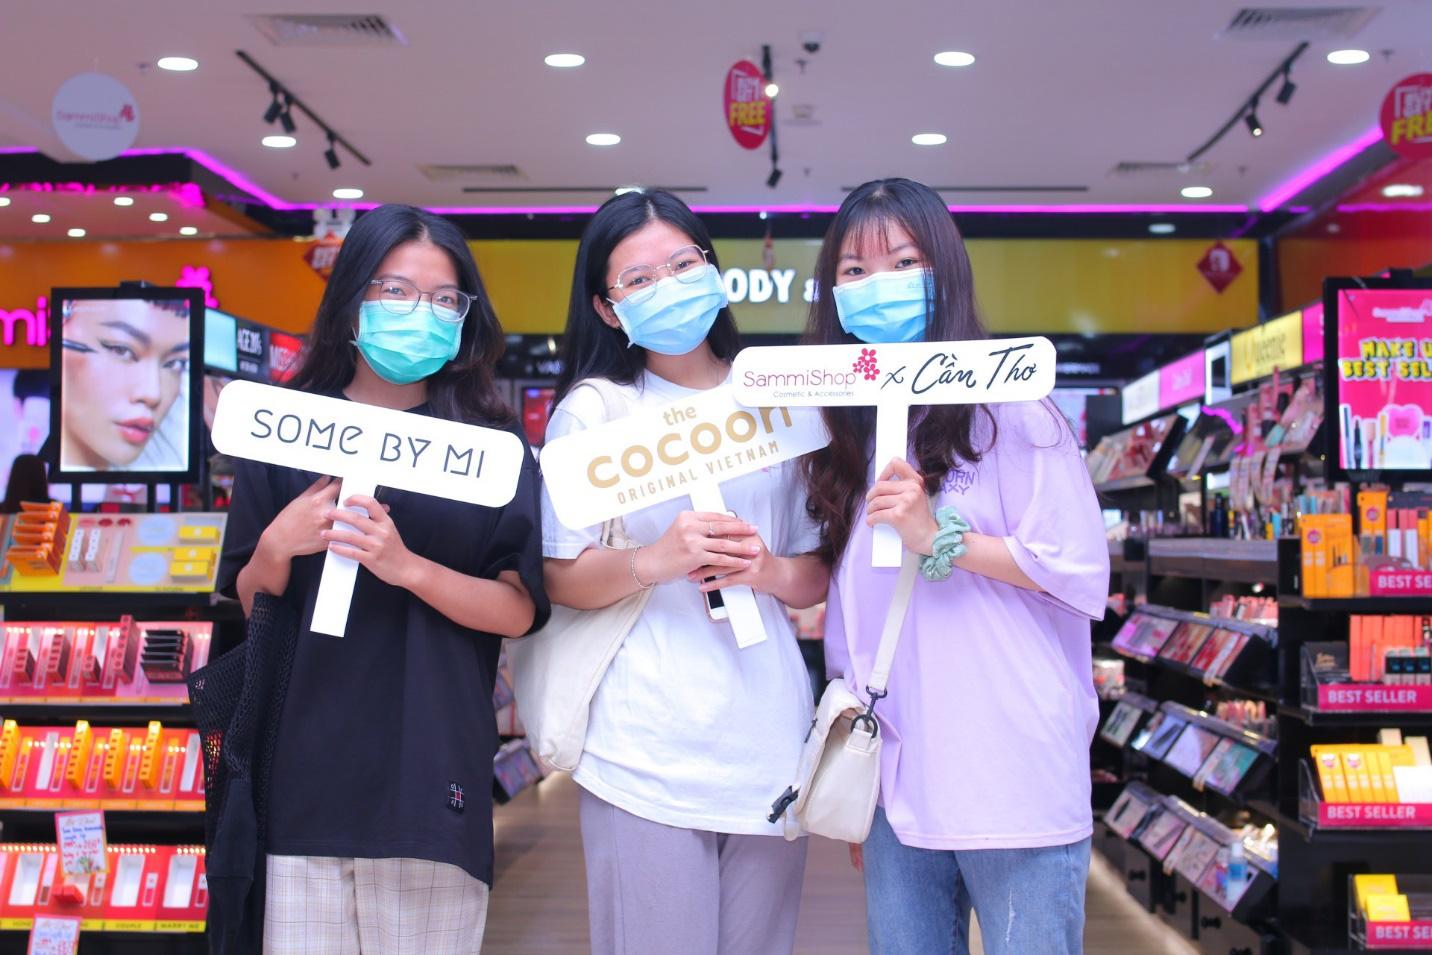 """Sammi Shop khiến giới trẻ """"phấn khích"""" trước loạt khuyến mãi mua 1 tặng 1 nhân dịp khai trương 2 cửa hàng mới tại Vincom - Ảnh 5."""